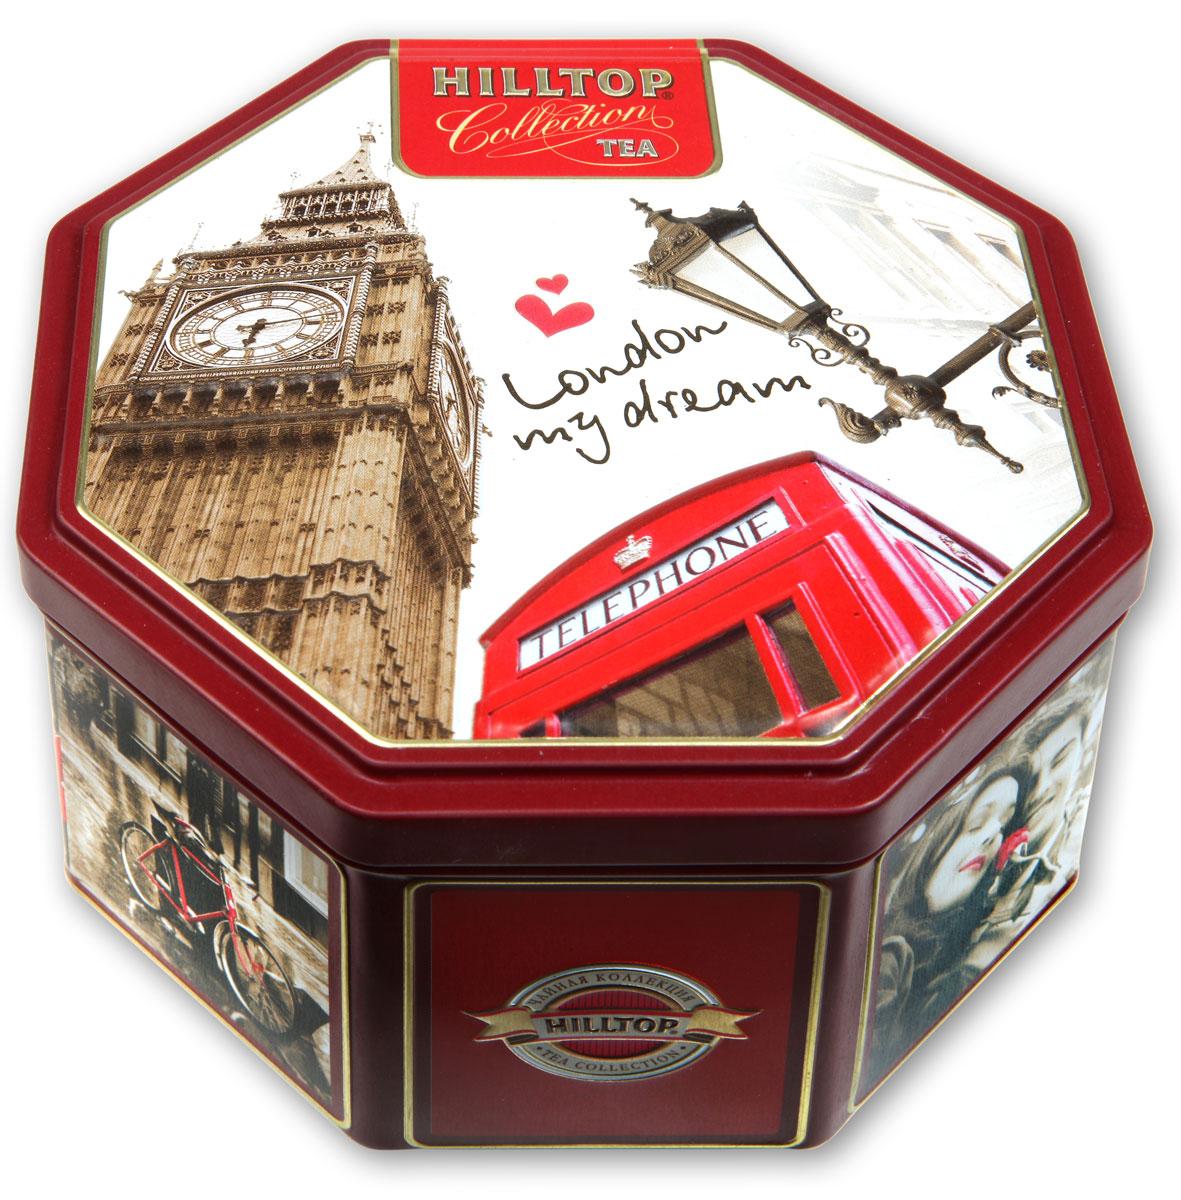 Hilltop Прогулки по Лондону черный листовой чай, 150 г4607099303331Hilltop Прогулки по Лондону - особо крупнолистовой цейлонский черный чай с насыщенным ароматом и терпким вкусом.